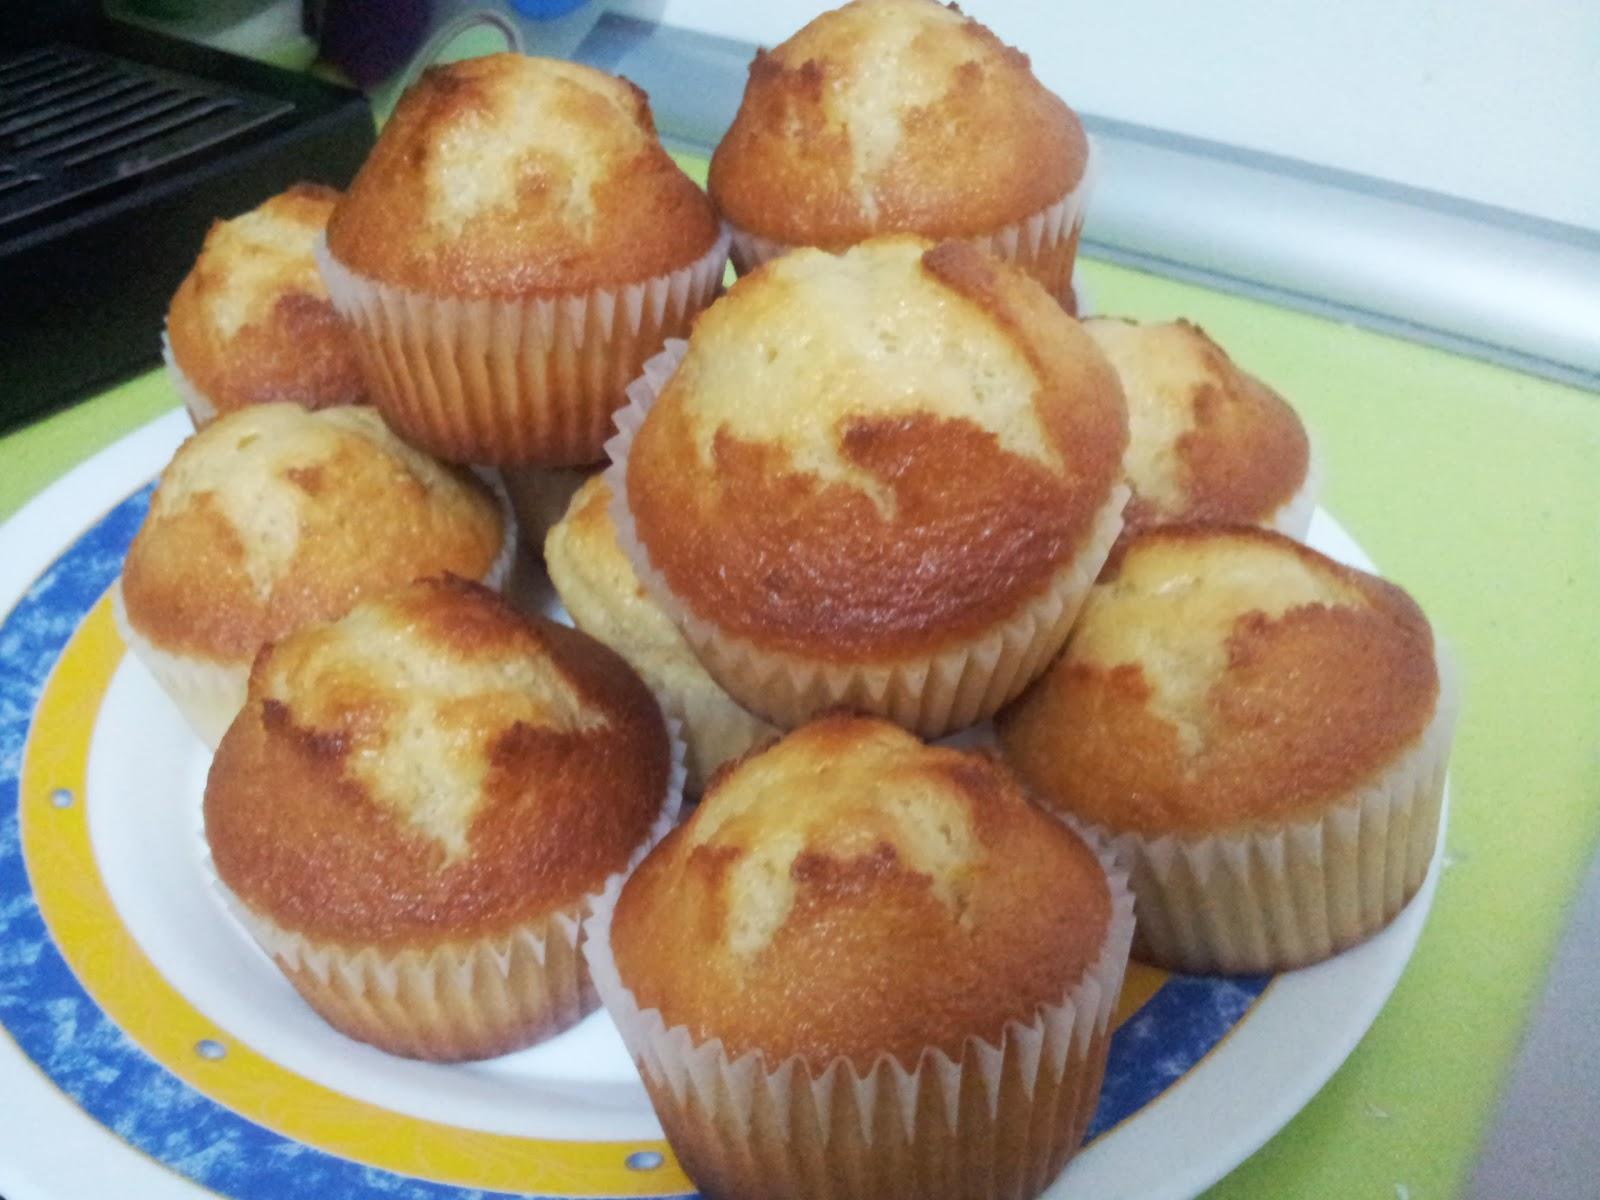 Cocinar y disfrutar magdalenas caseras ricas y esponjosas - Madalenas o magdalenas ...